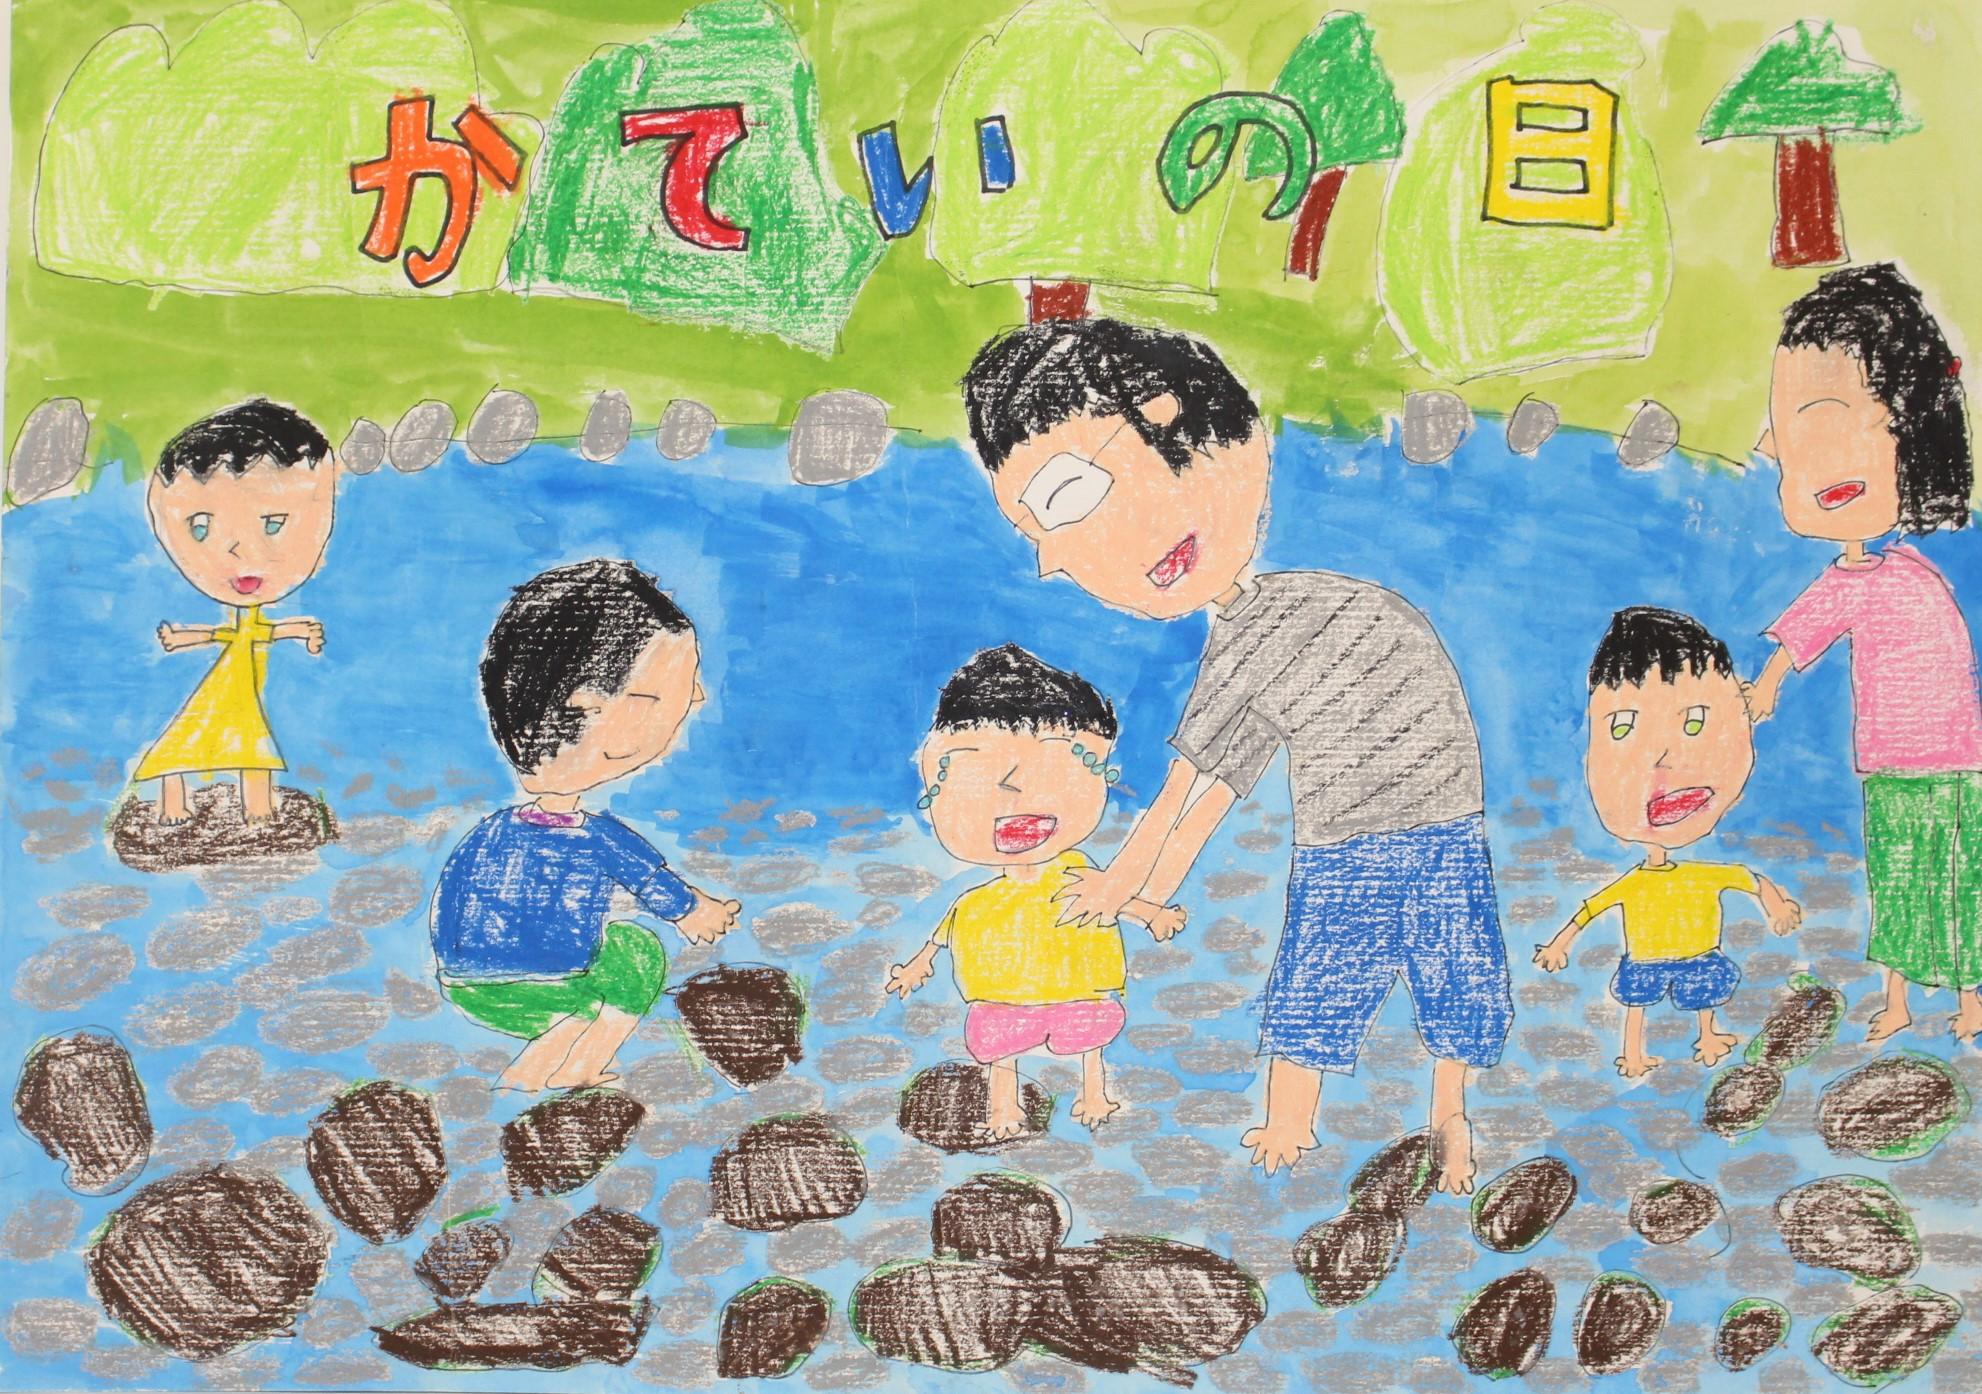 優良賞 宮崎市立田野小学校 2年 甲斐 海璃(かい かいり)さん